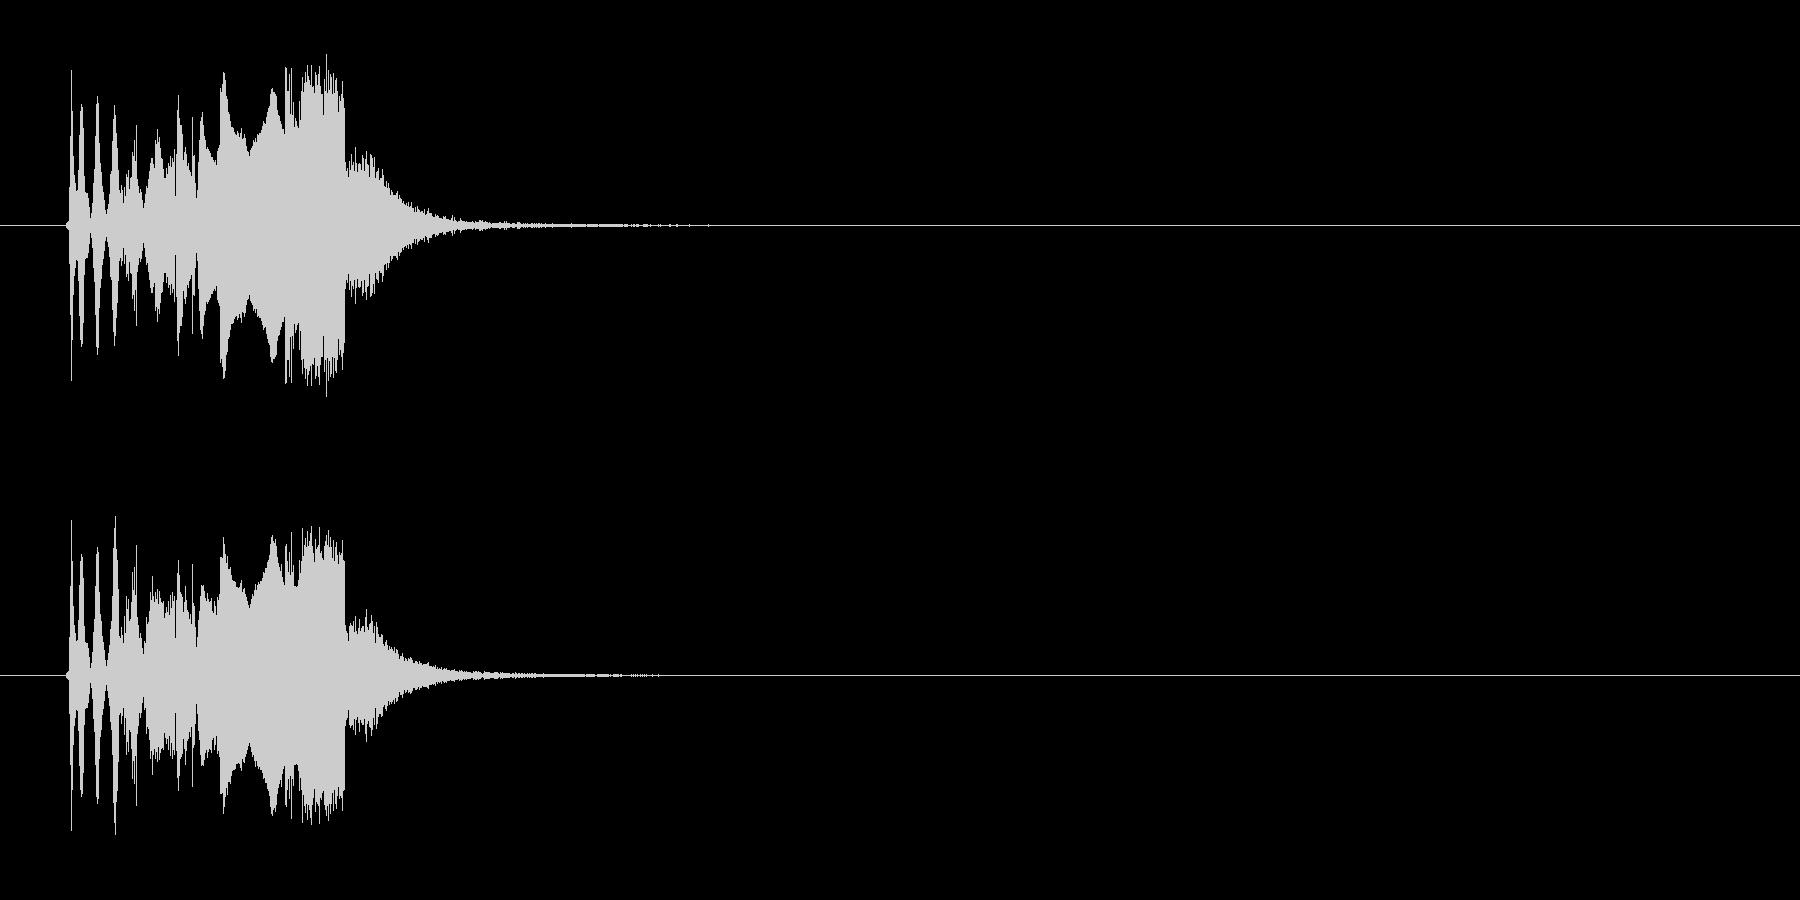 ピピピッシュンシュローン(終了音)の未再生の波形